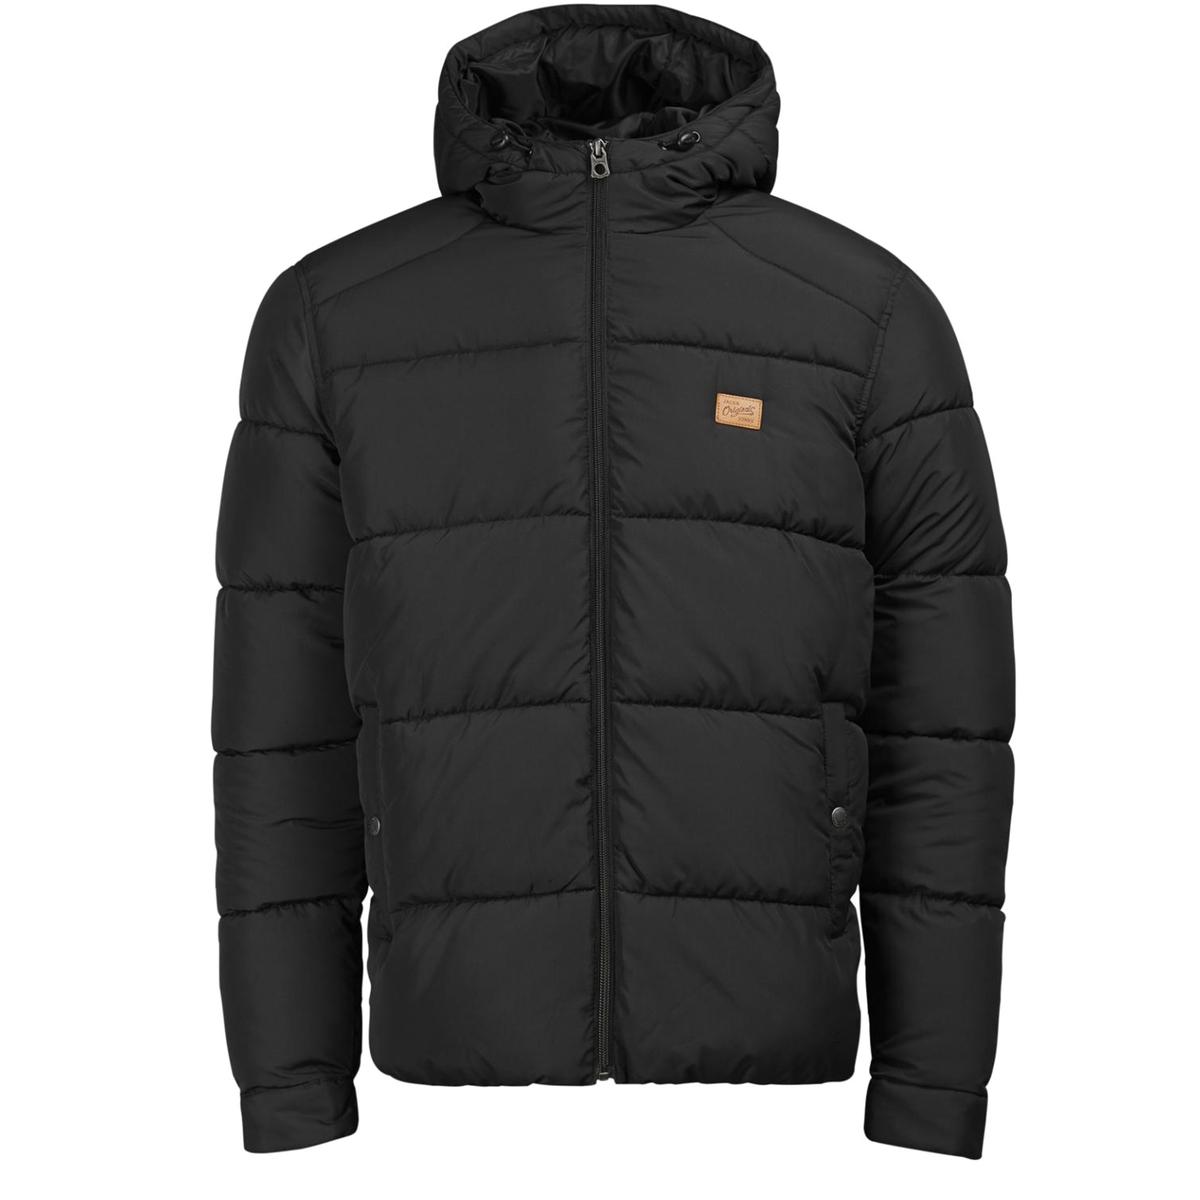 Куртка стеганая с капюшономСтеганая куртка с капюшоном JACK &amp; JONES. Прямой покрой, высокий воротник, капюшон. Карманы по бокам. Вставки на плечах. Эластичный низ. Состав и описаниеМатериал : 100% полиэстерМарка : JACK &amp; JONES<br><br>Цвет: черный<br>Размер: XXL.XL.L